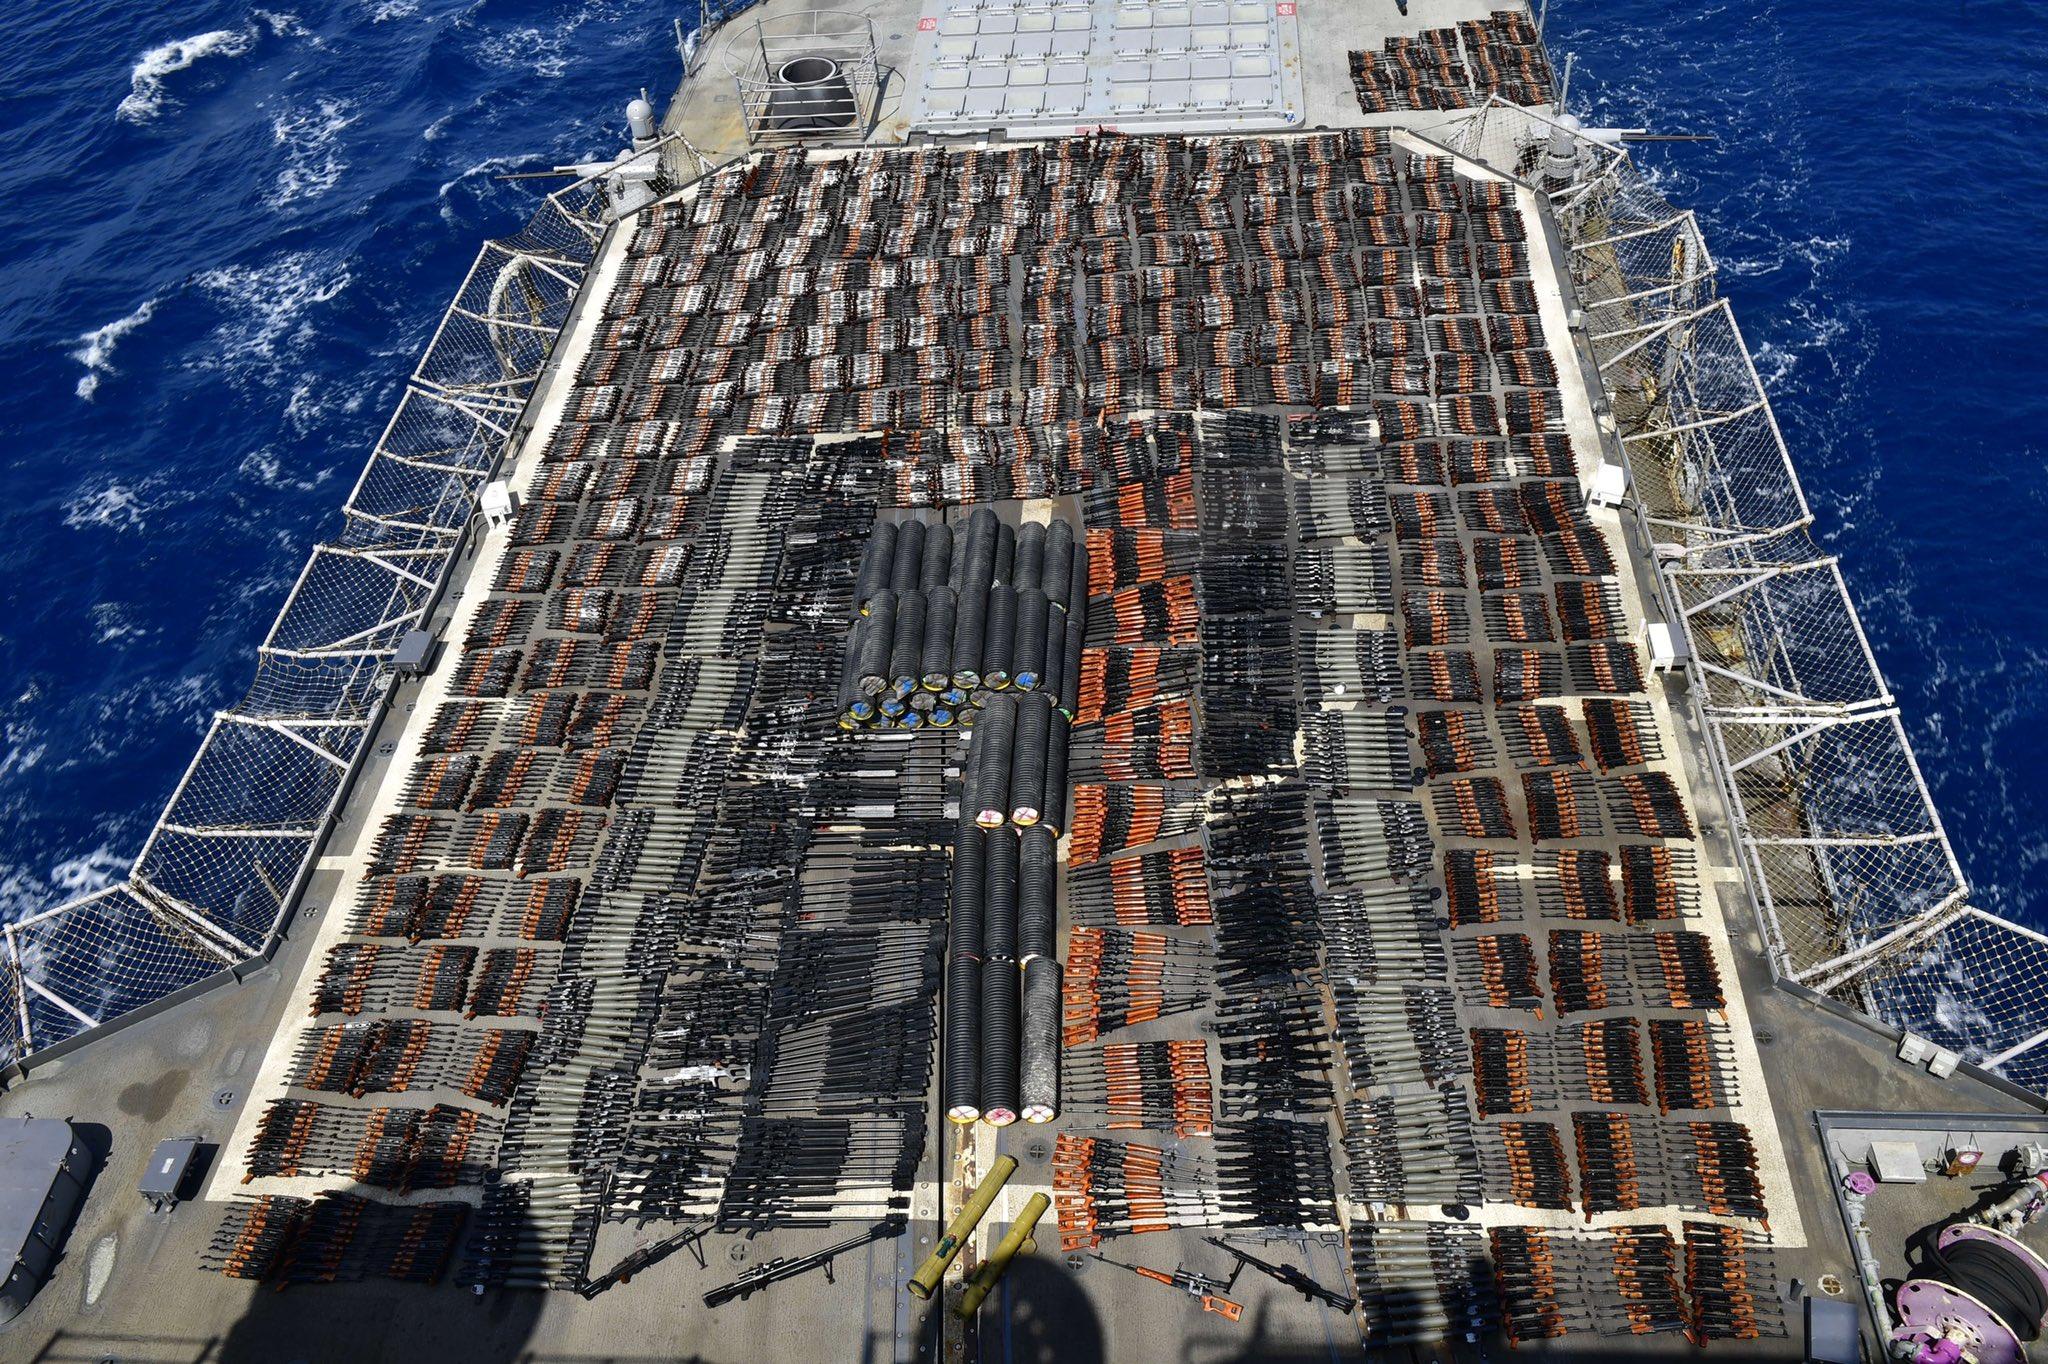 Американские военные задержали судно с крупной партией российского оружия - детали (Фото) - фото 2